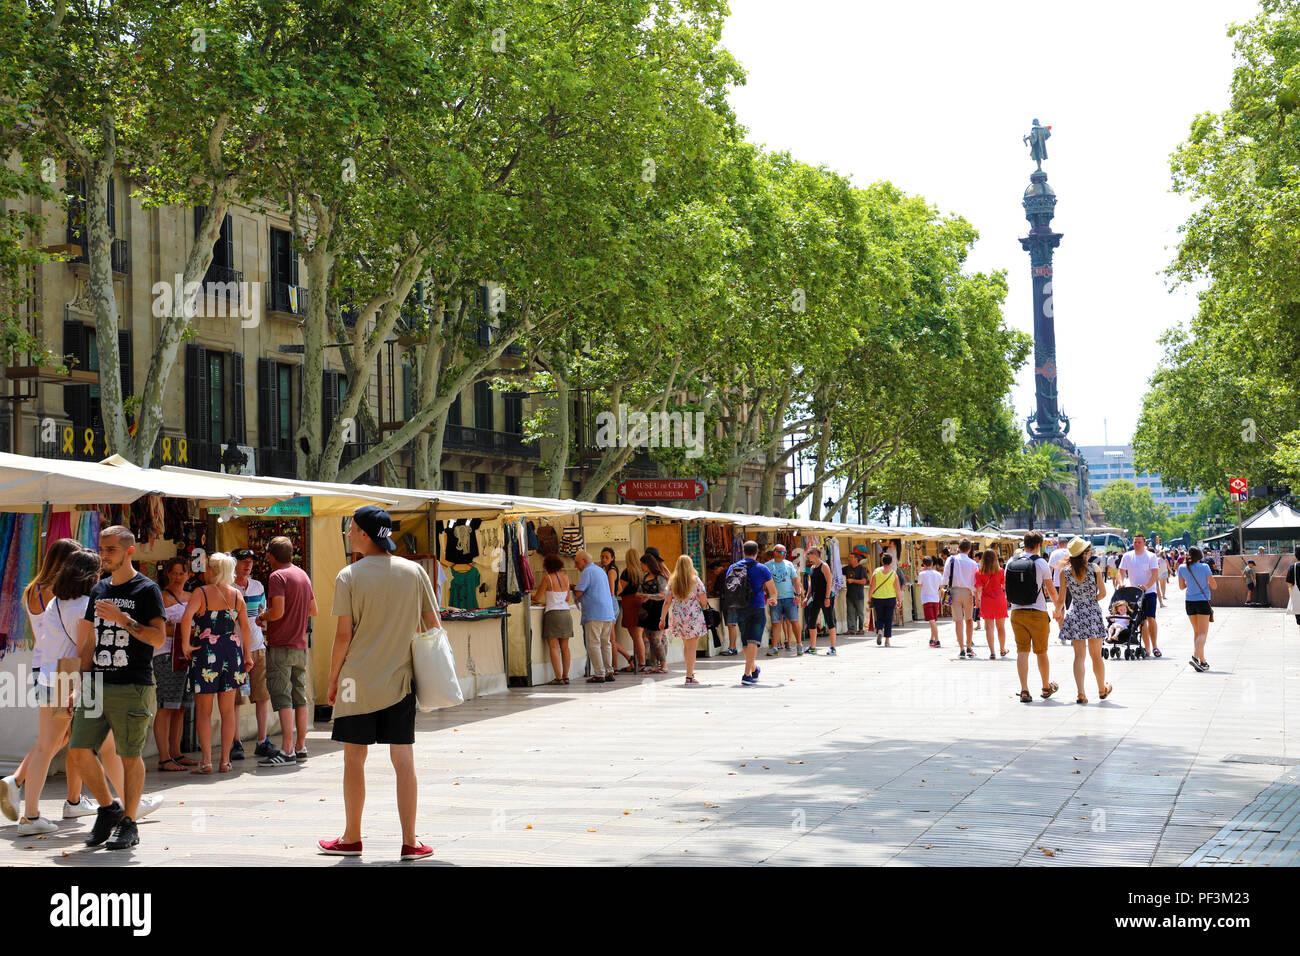 Barcellona, Spagna - 13 luglio 2018: la gente camminare in questa famosa zona pedonale di La Rambla con Christopher Columbus statua alla fine della strada, Immagini Stock